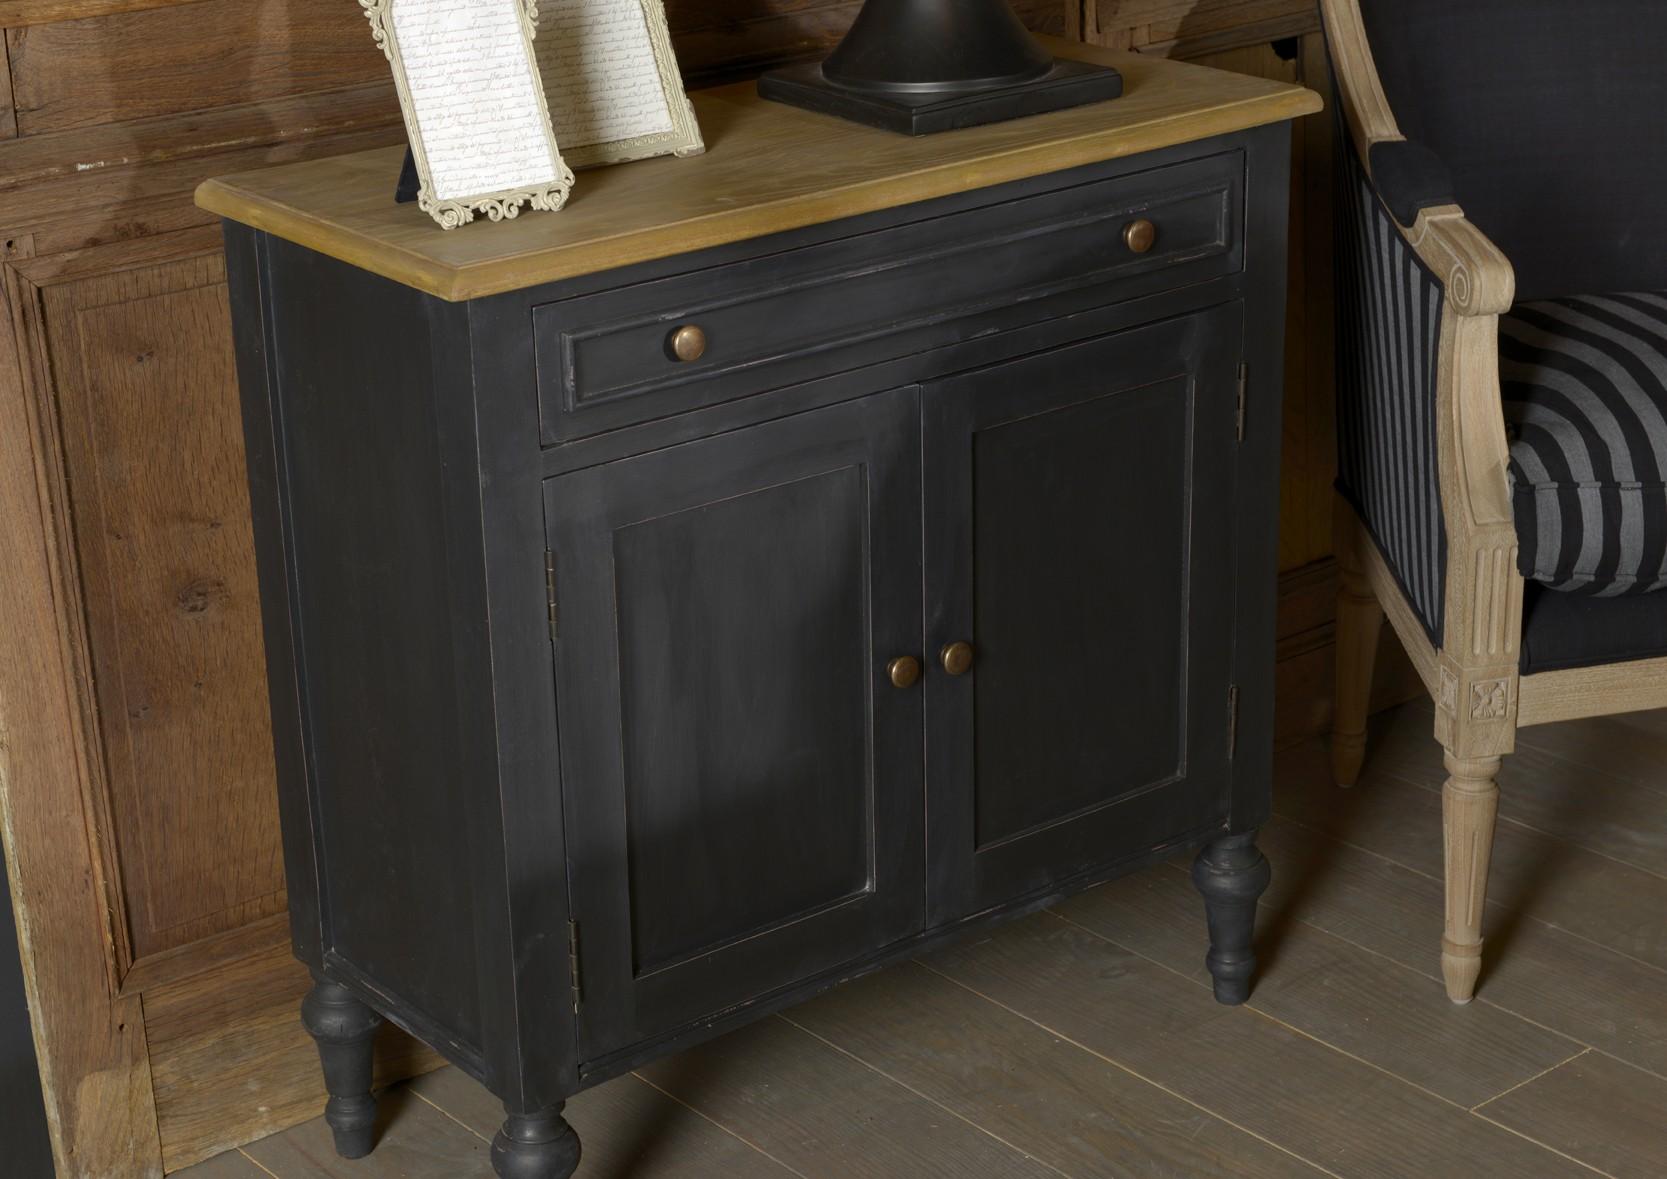 buffet 2 portes noir style parisien en bois ancien new legende l80xp35xh80 amadeus